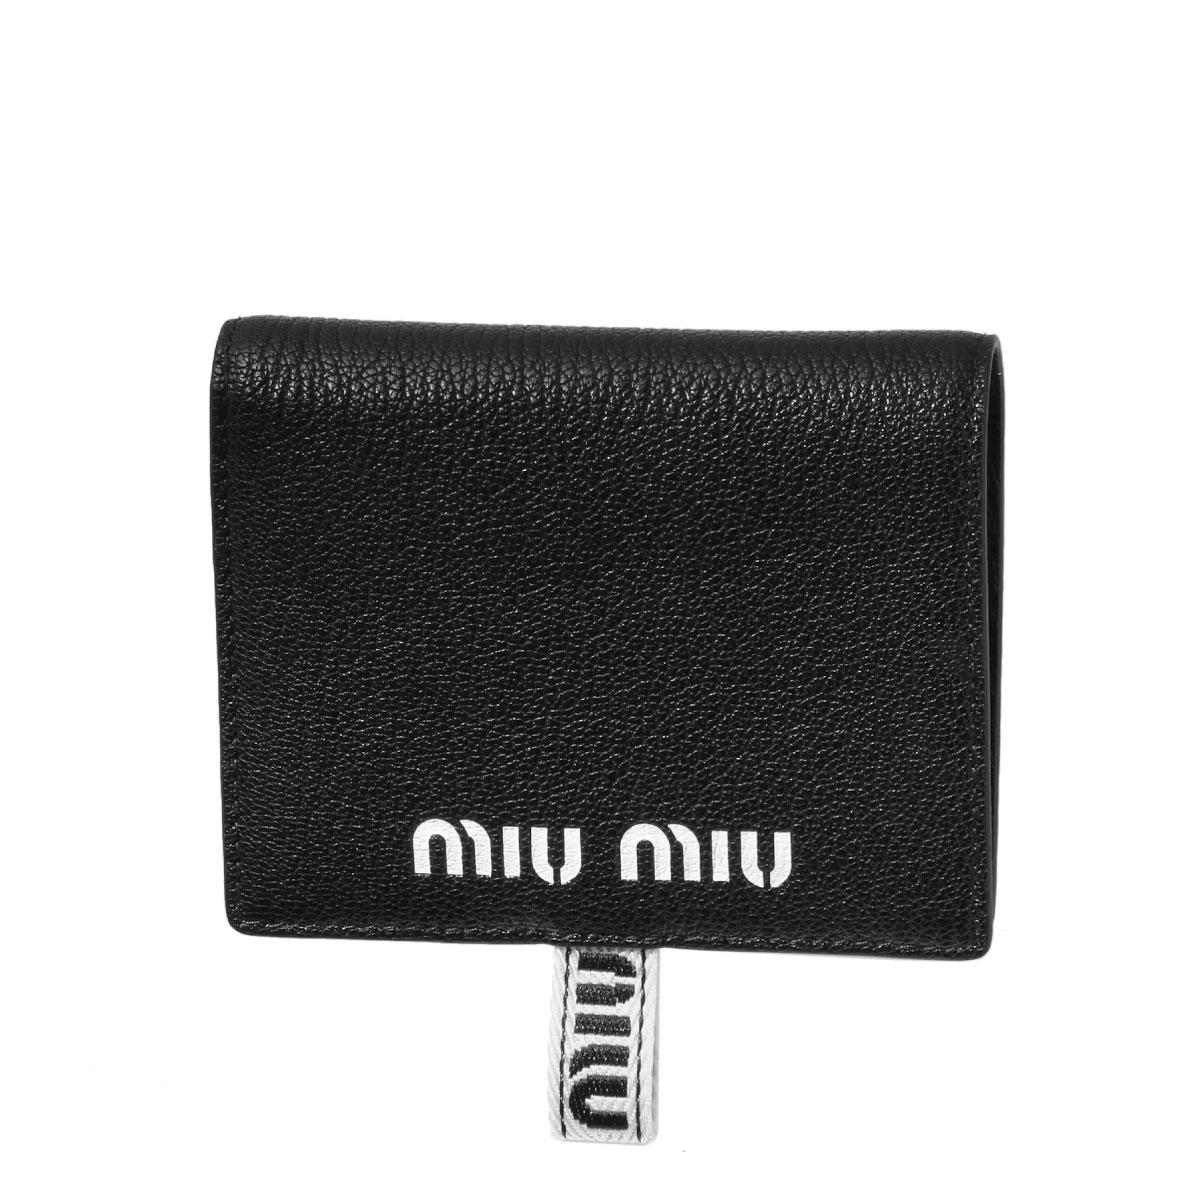 ミュウ ミュウ MIU MIU 財布 レディース 5MV204 2B64 F0002 二つ折り財布 MADRAS SPORT NERO ブラック